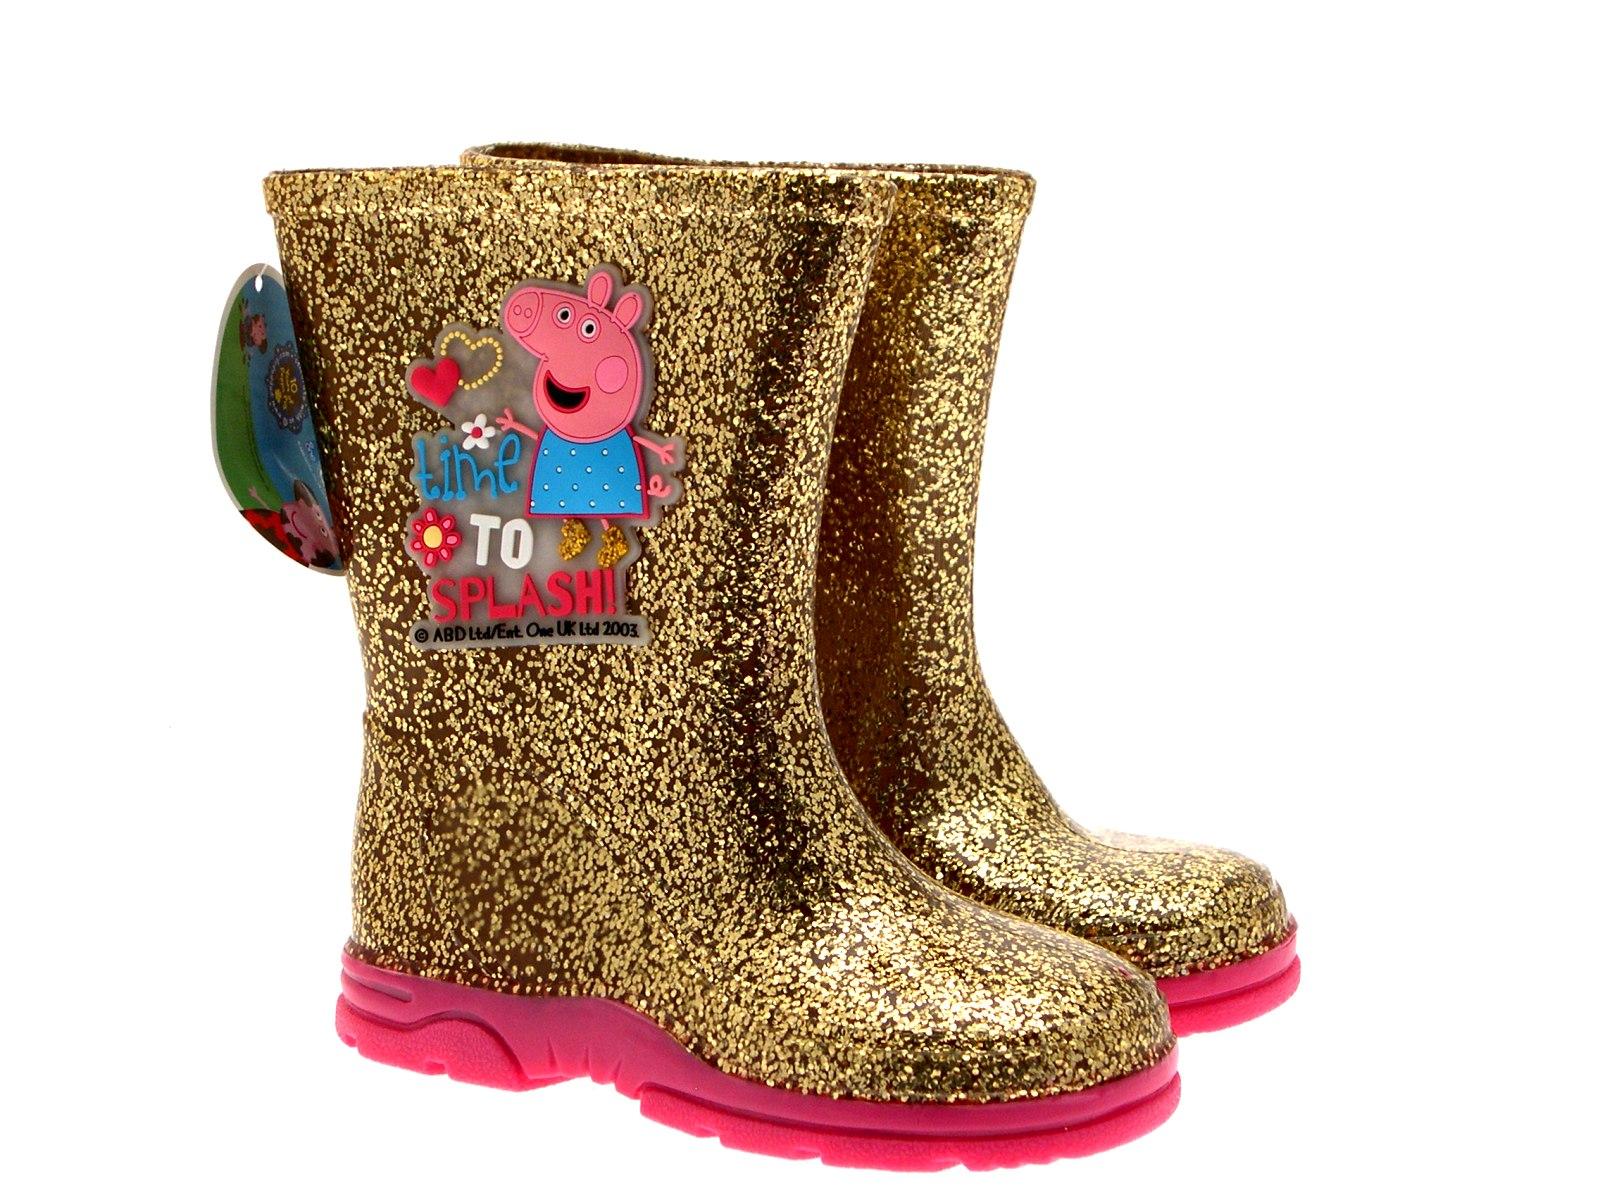 enfants filles peppa pig wellington bottes pluie neige or bottes chaussures taille 4 10 ebay. Black Bedroom Furniture Sets. Home Design Ideas